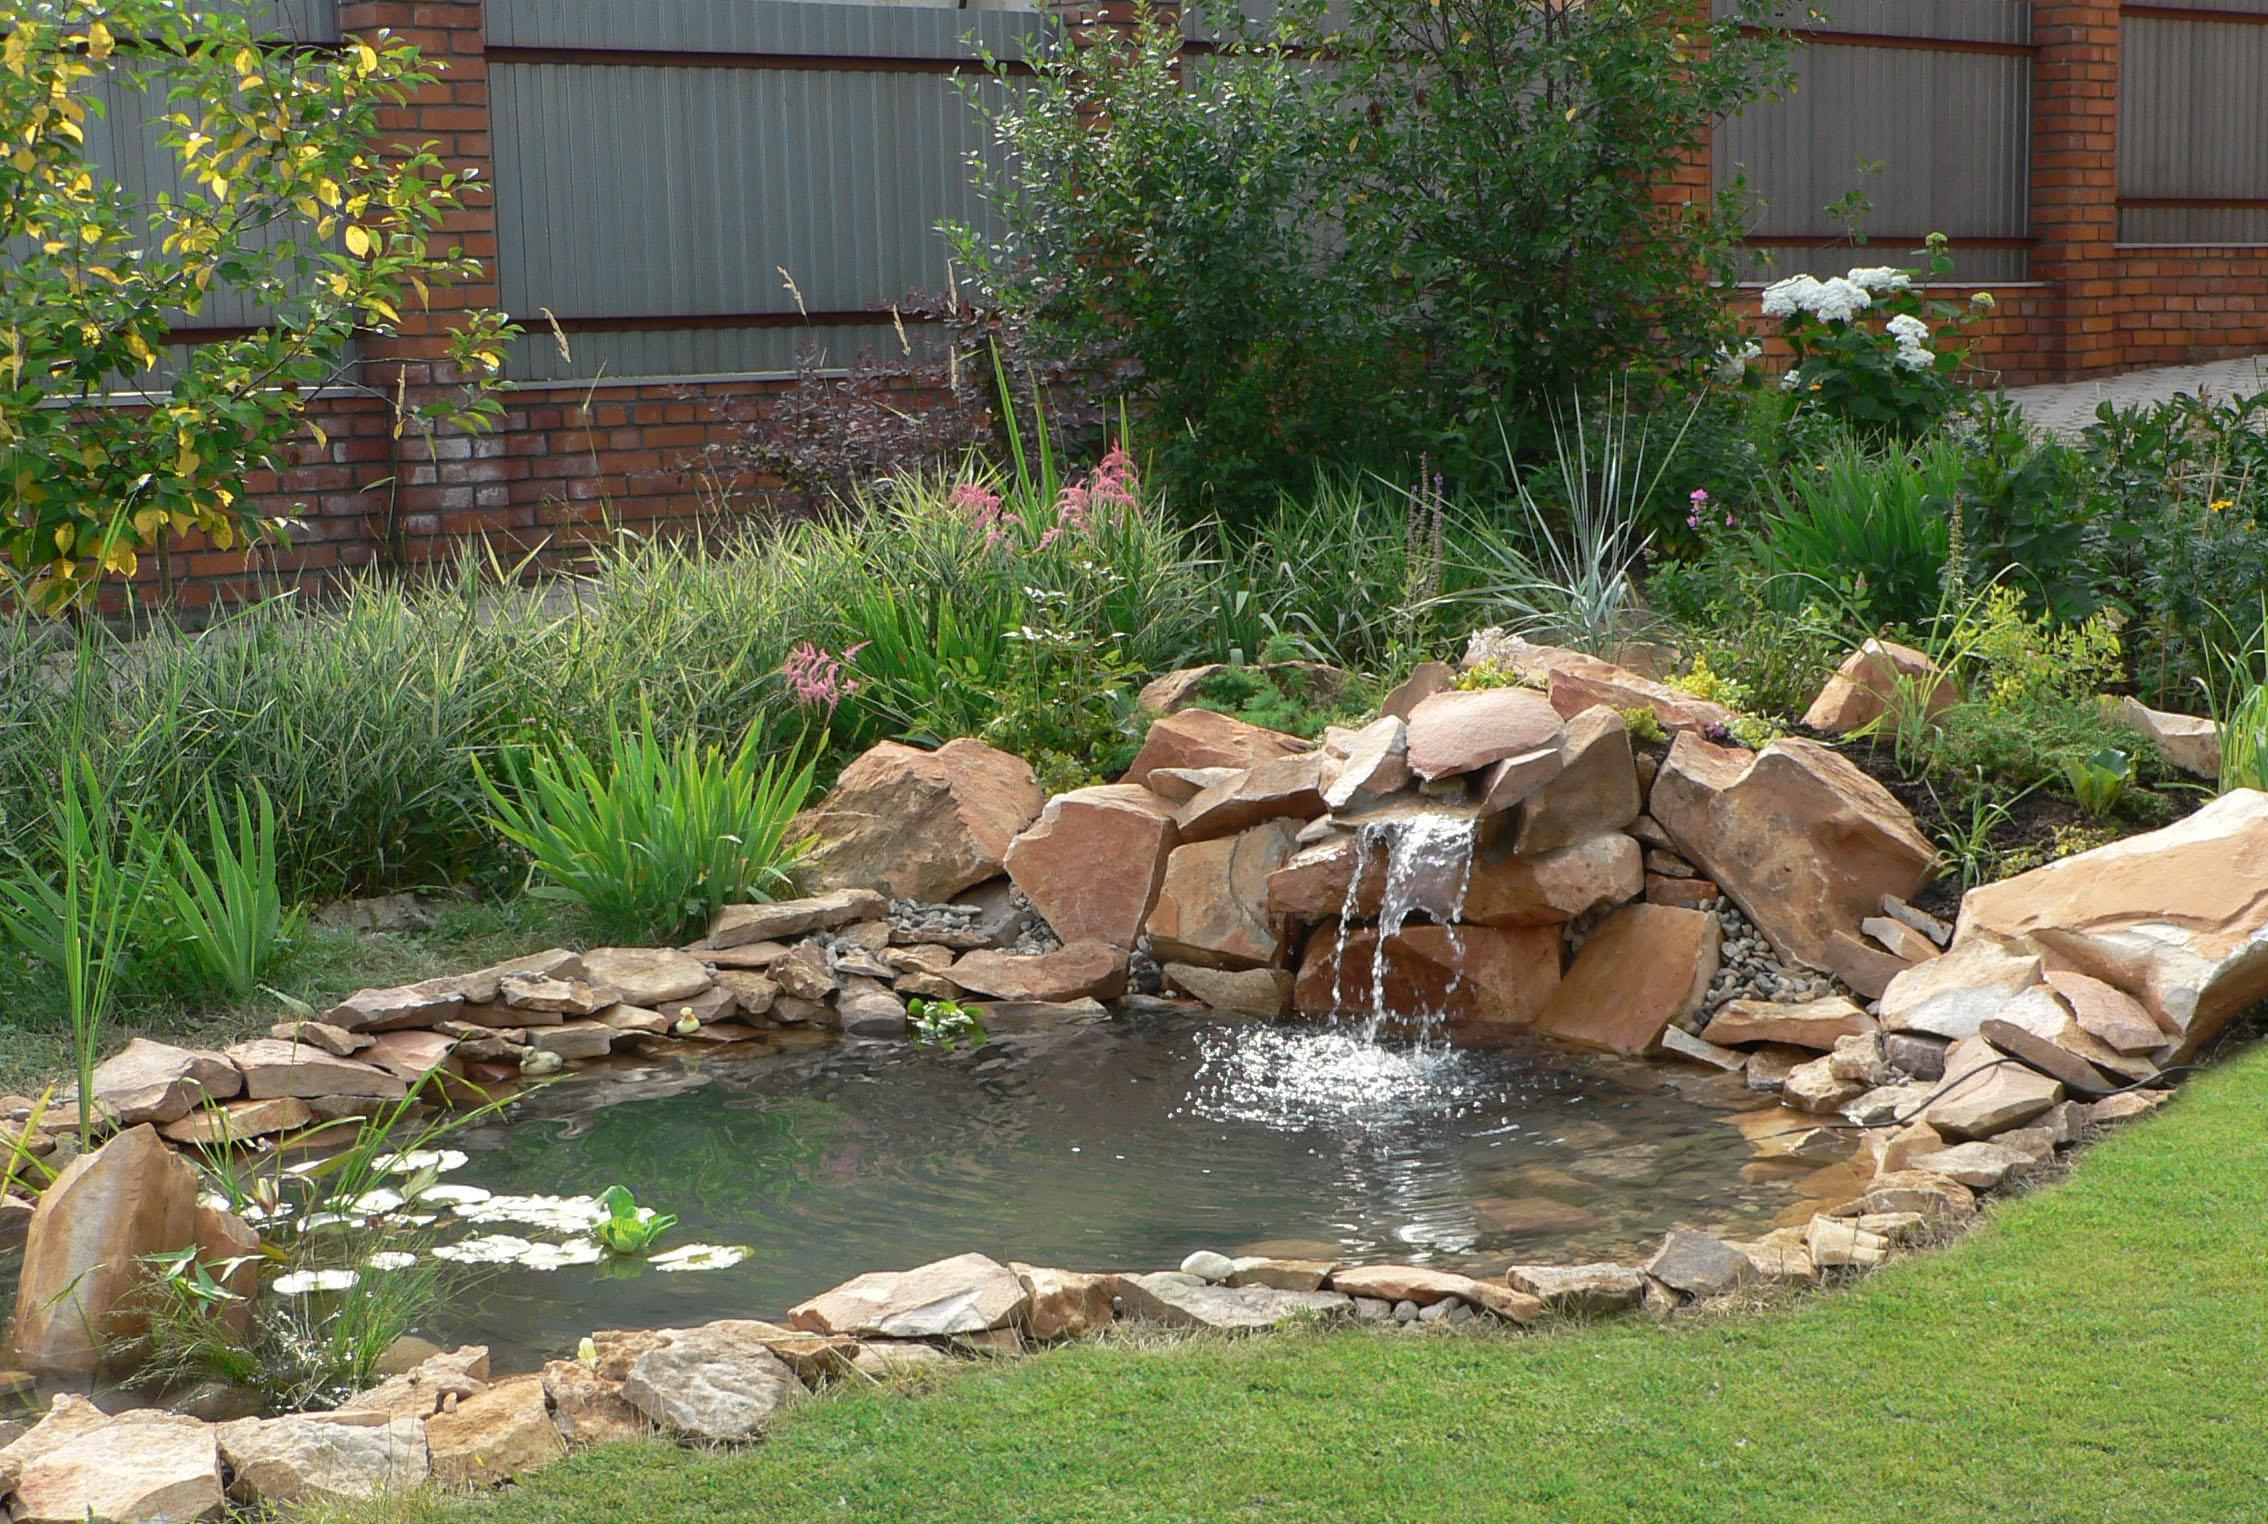 Как построить водоем на участке - Технология строительства различных водных сооружений.